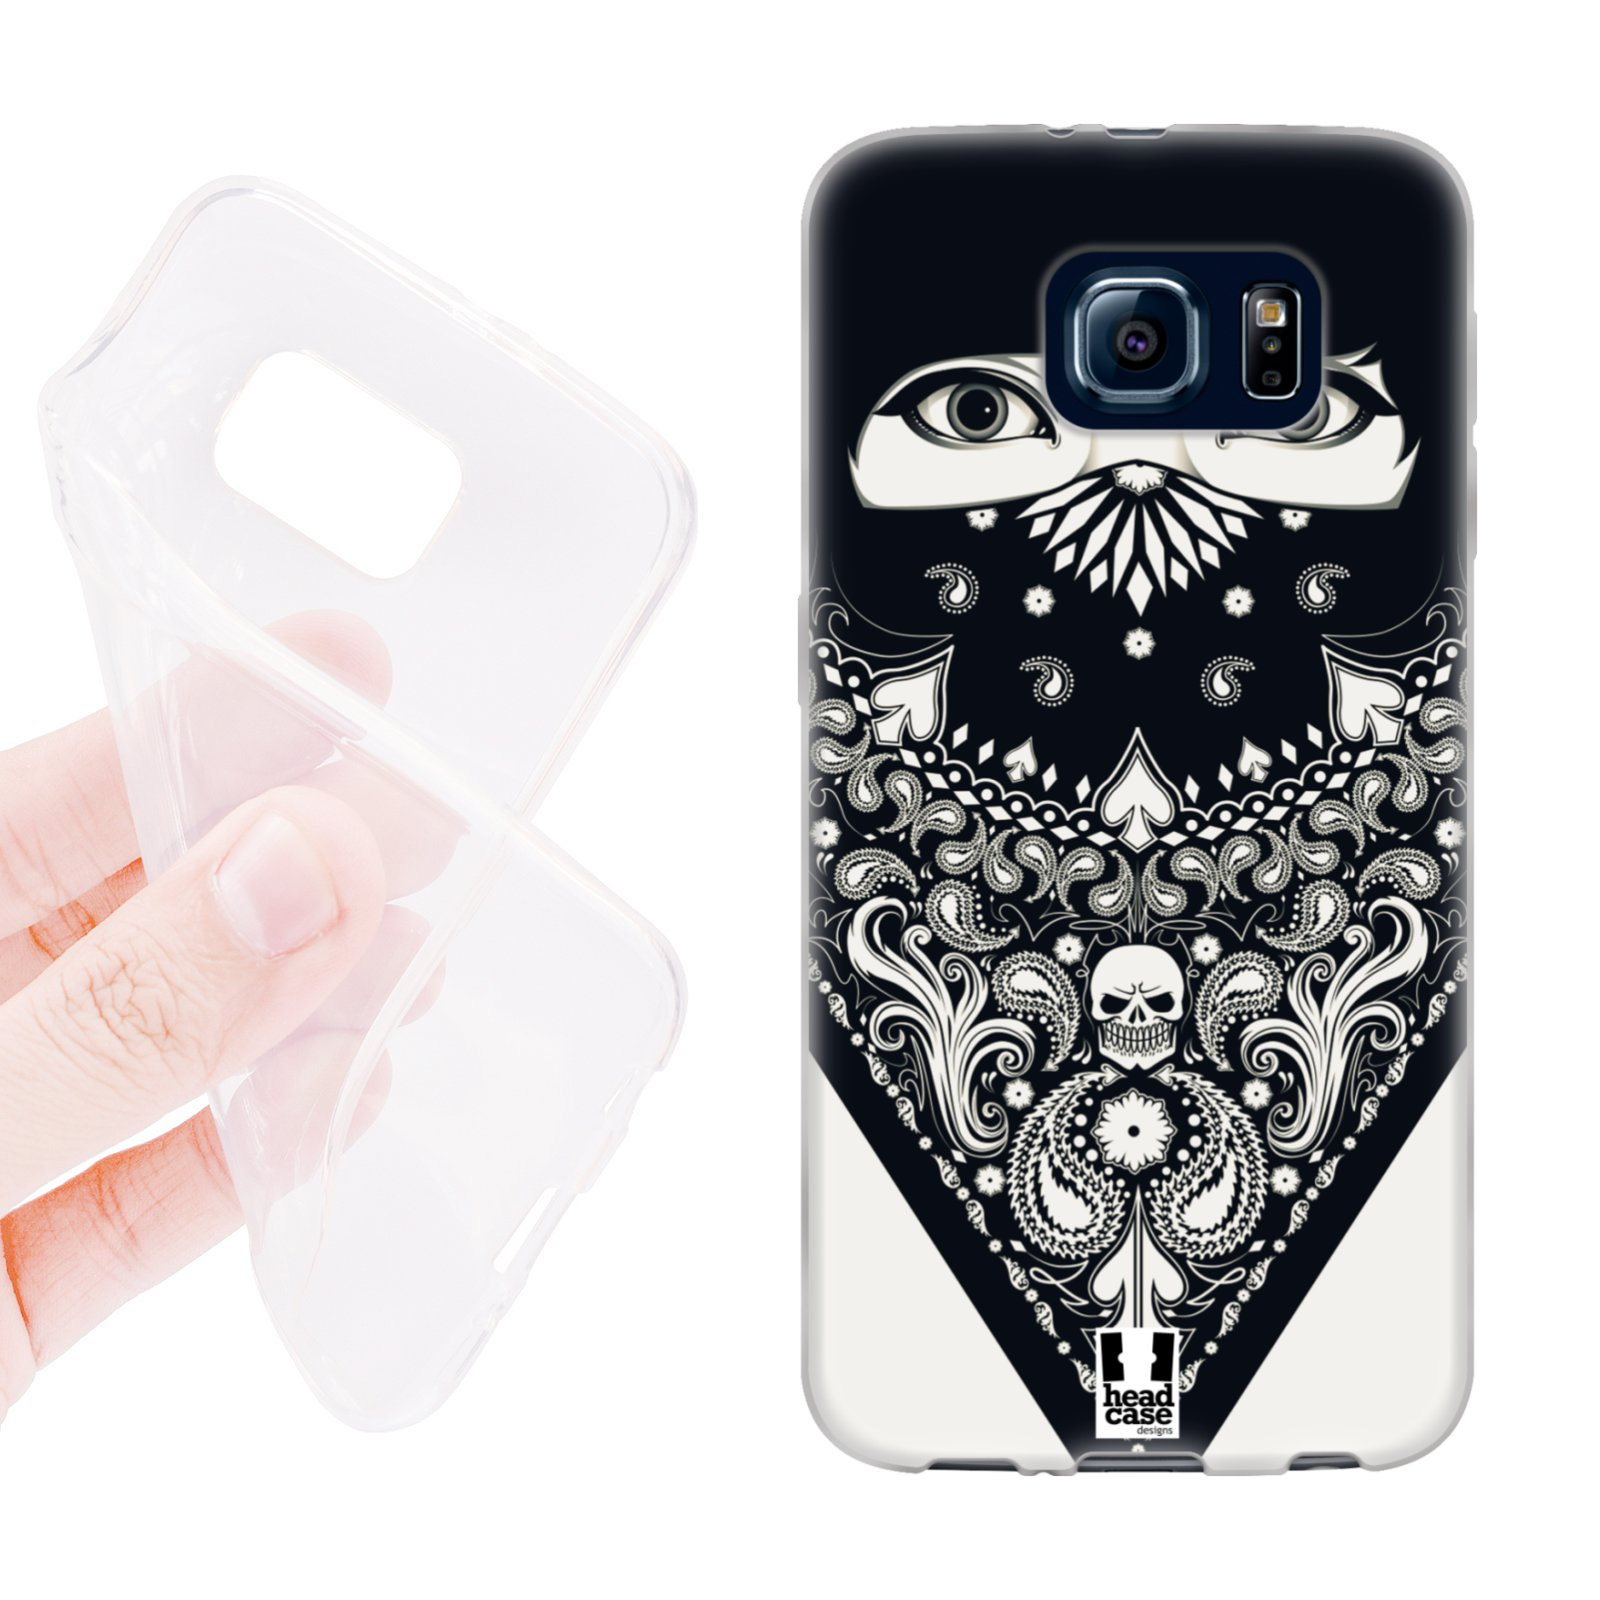 HEAD CASE silikonový obal na mobil Samsung galaxy S6 šátek slzy žena